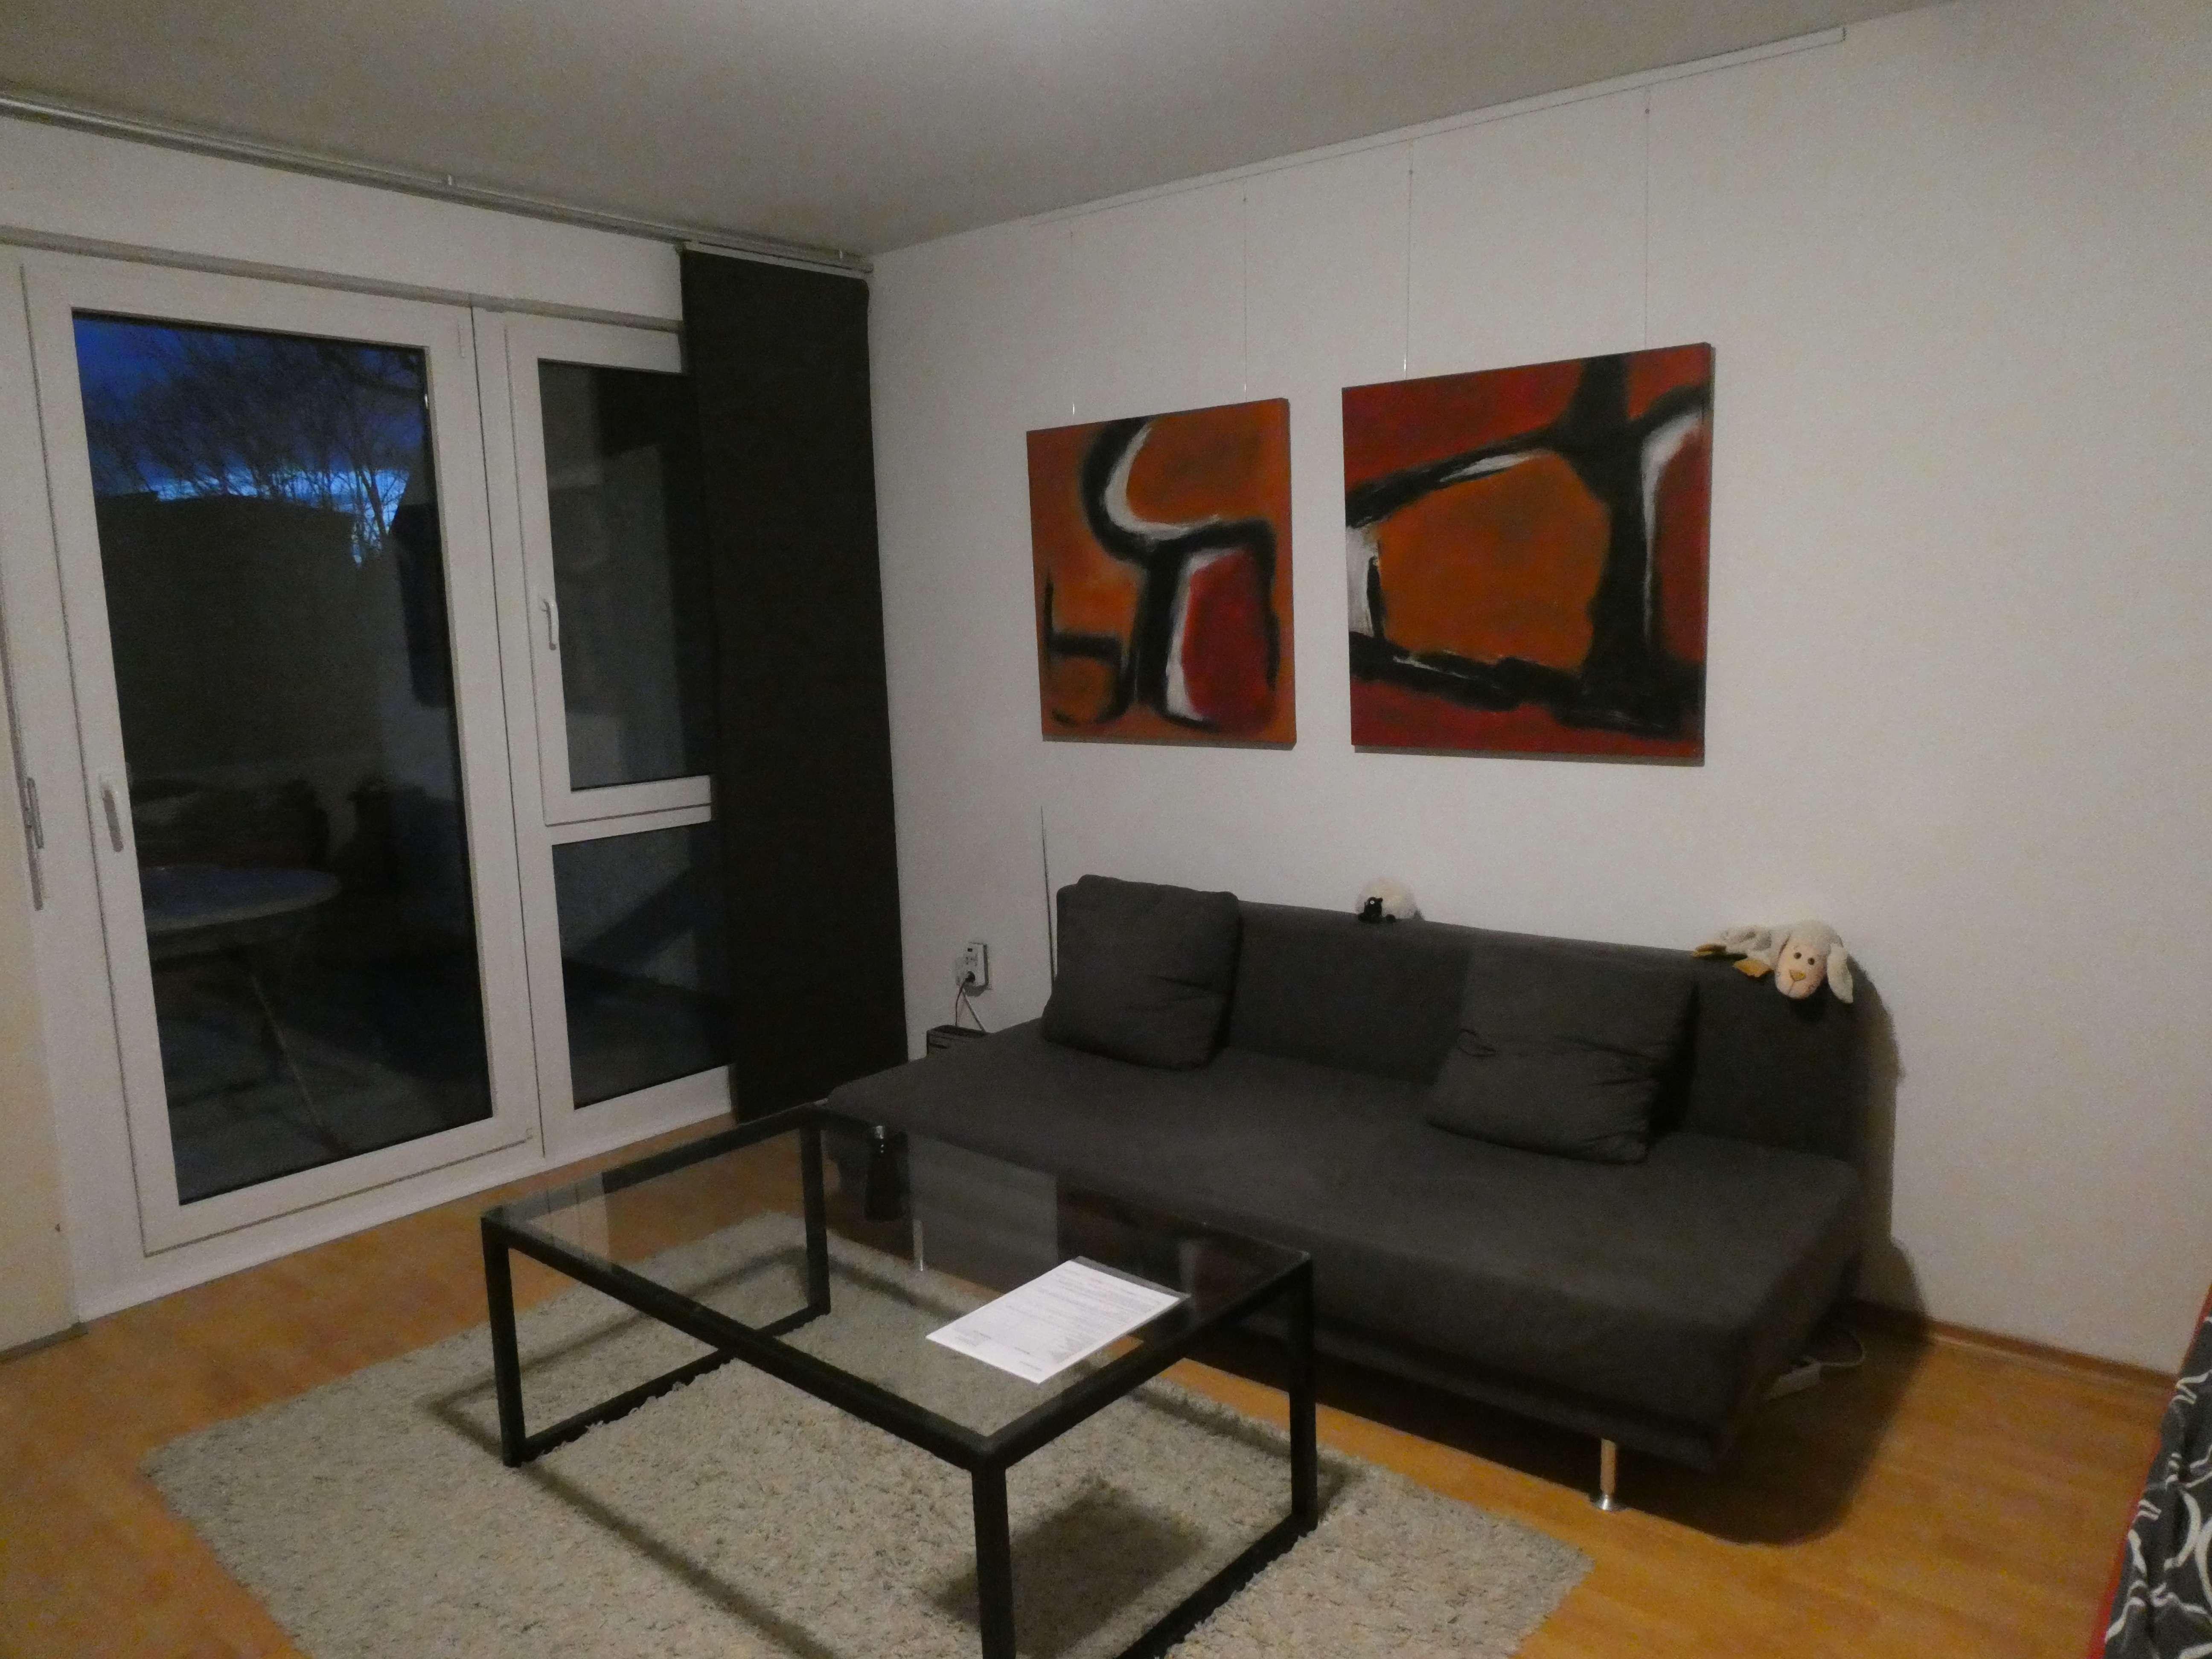 Gepflegte 1-Zimmer-Hochparterre-Wohnung mit Balkon und EBK in Starnberg/Söcking in Starnberg (Starnberg)